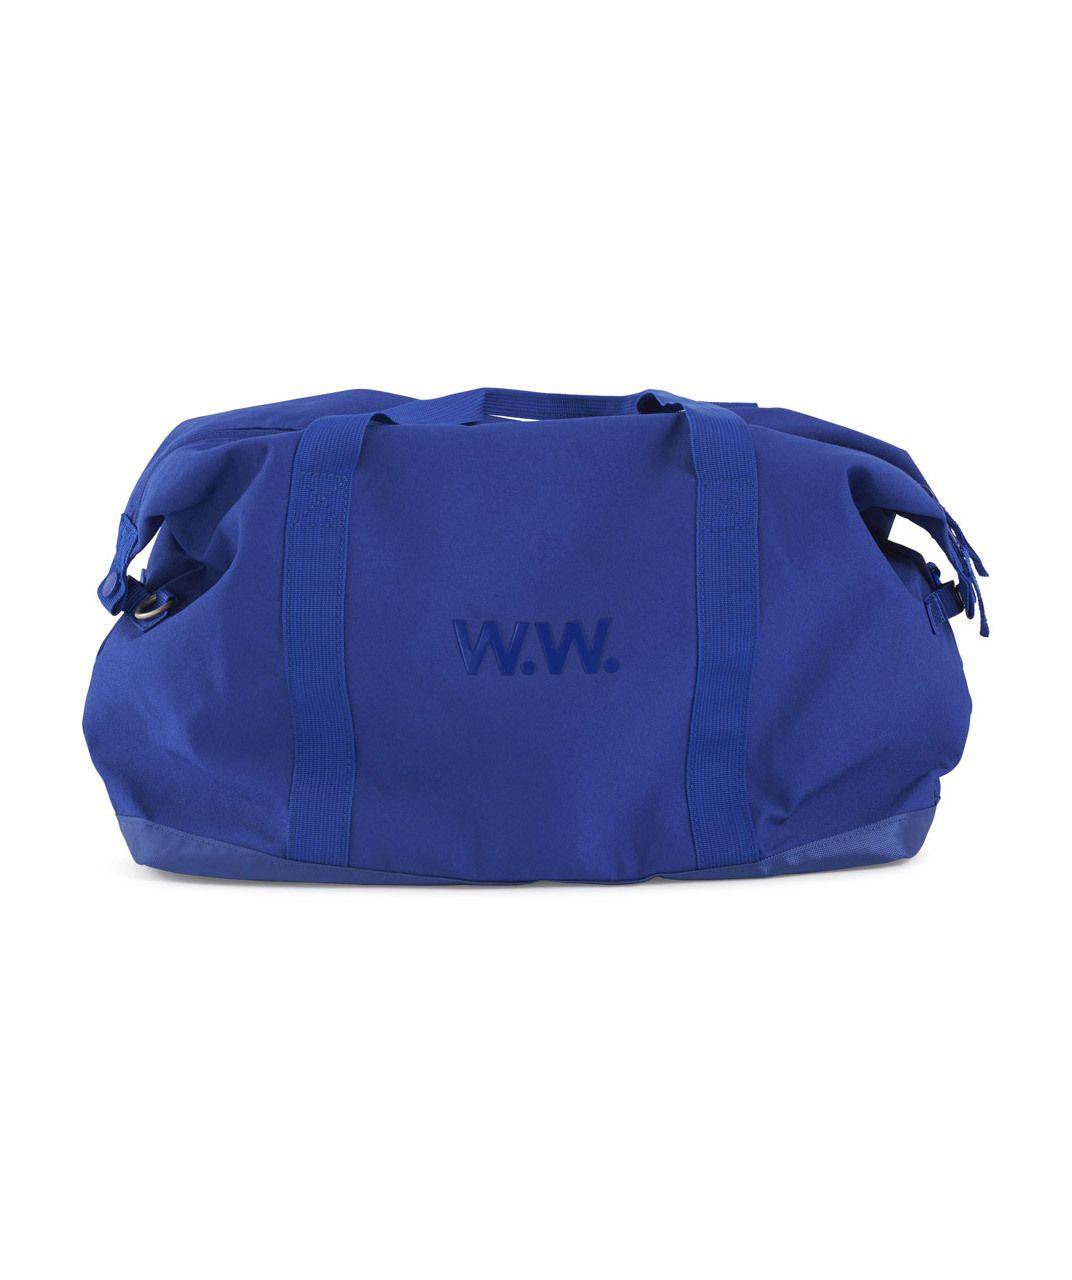 Lust, Covet, Desire - Tony Weekender Bag, USD 180.00, blue weekender bag, blue messenger bag, available at Lust Covet Desire